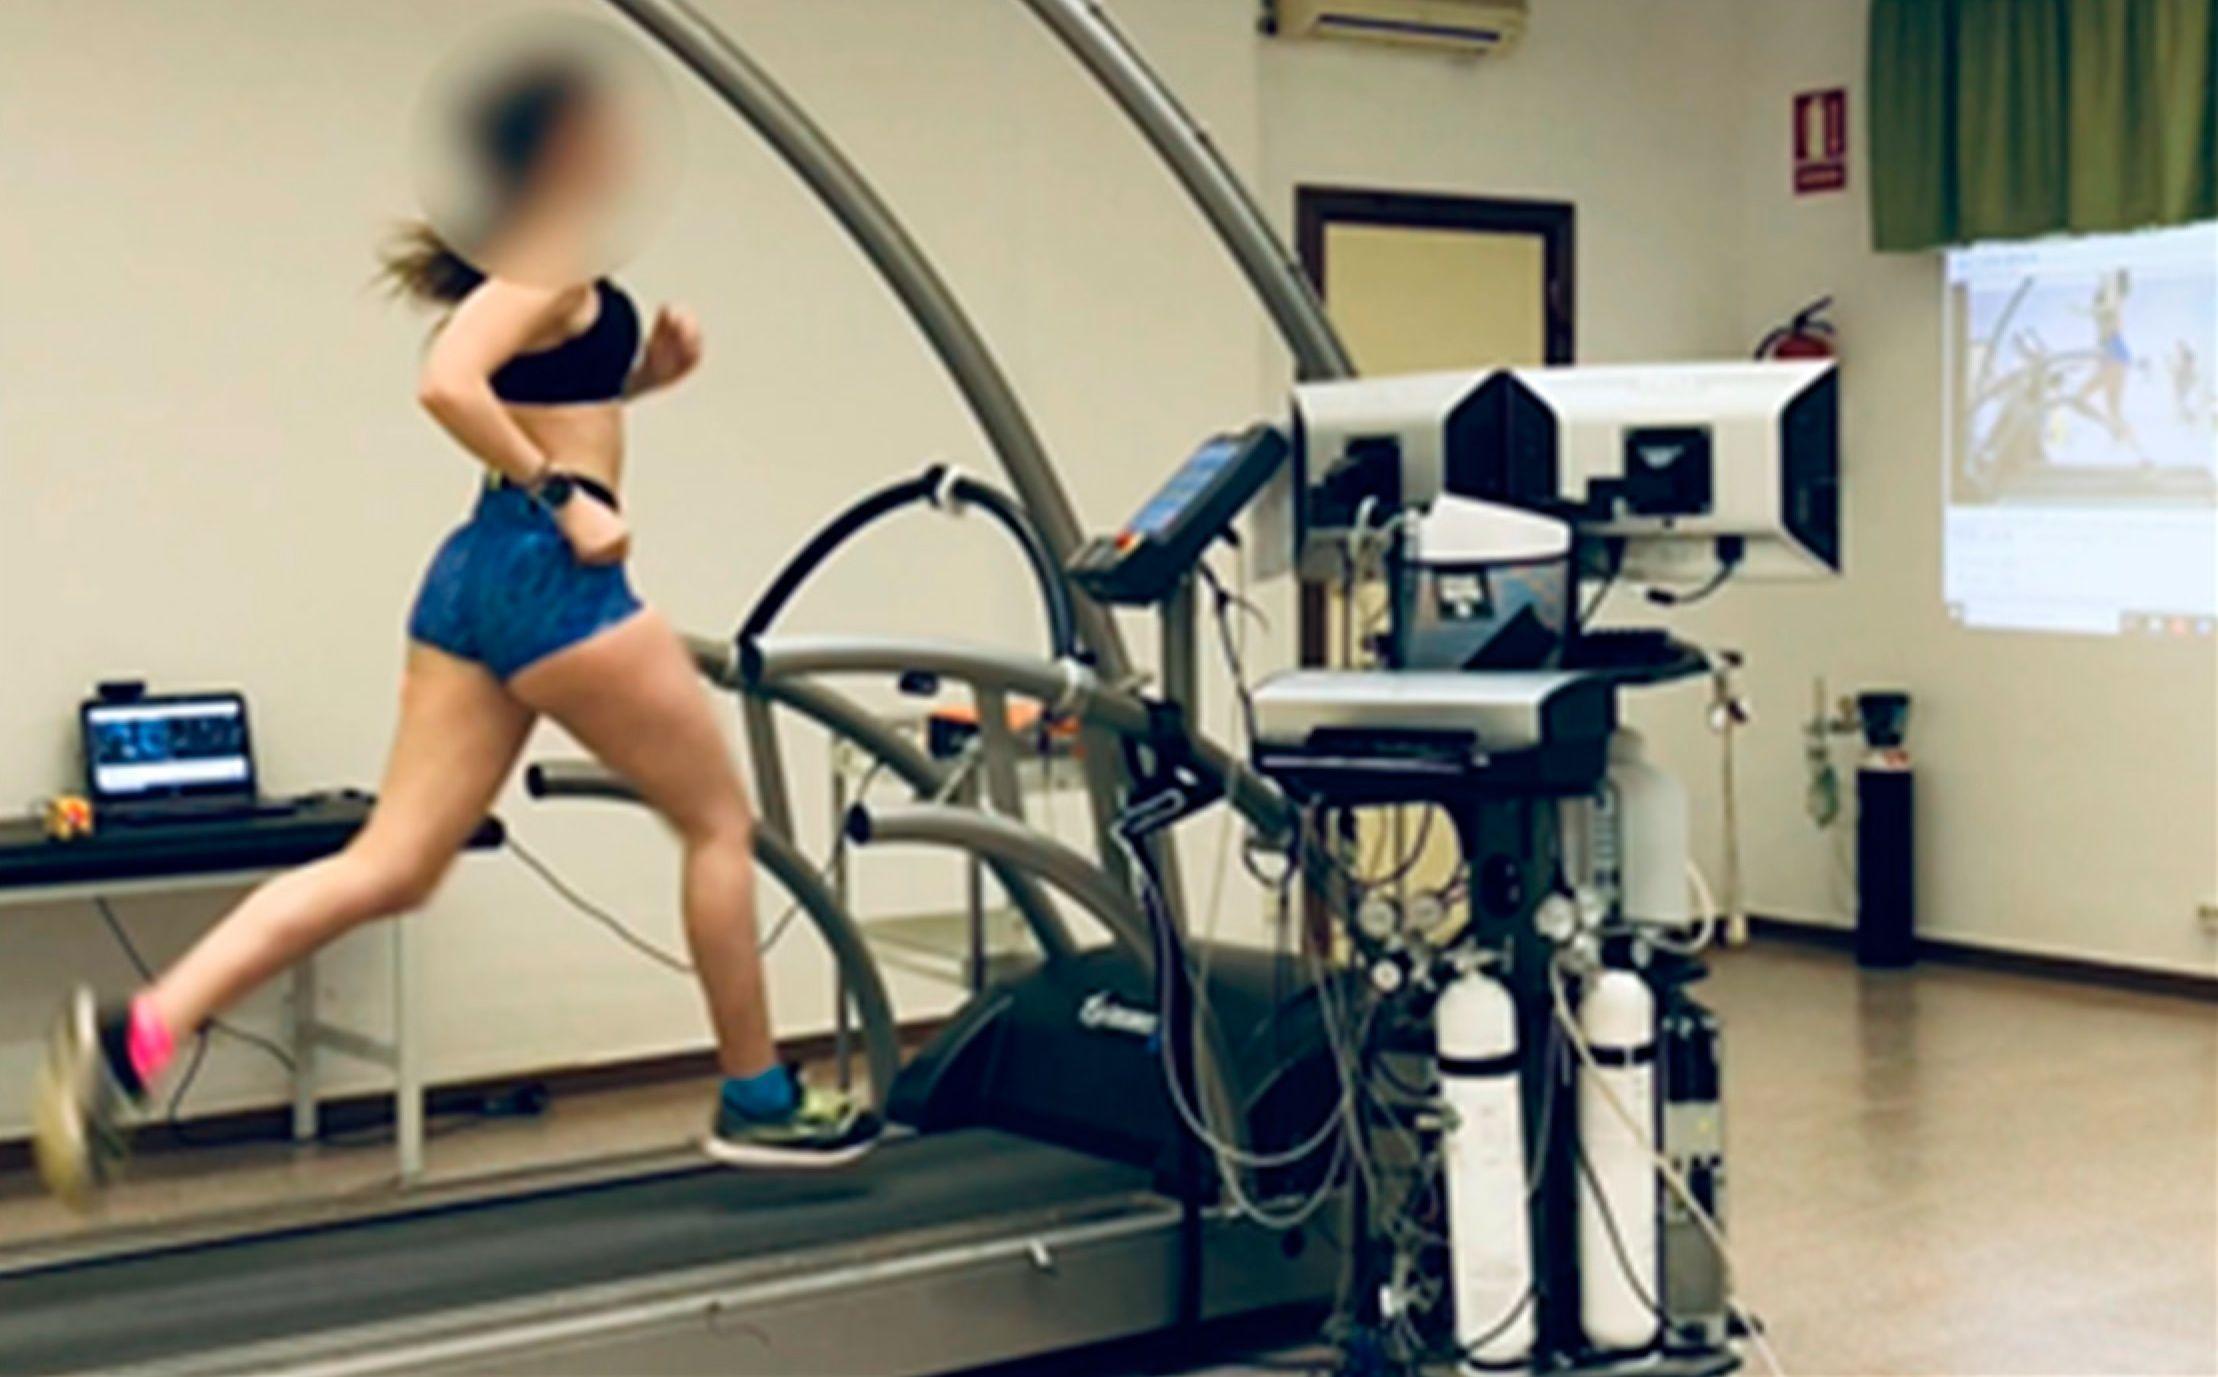 Intervención clínica en carrera gait retraining en jóvenes triatletas, realizada por investigadores de la CEU UCH.